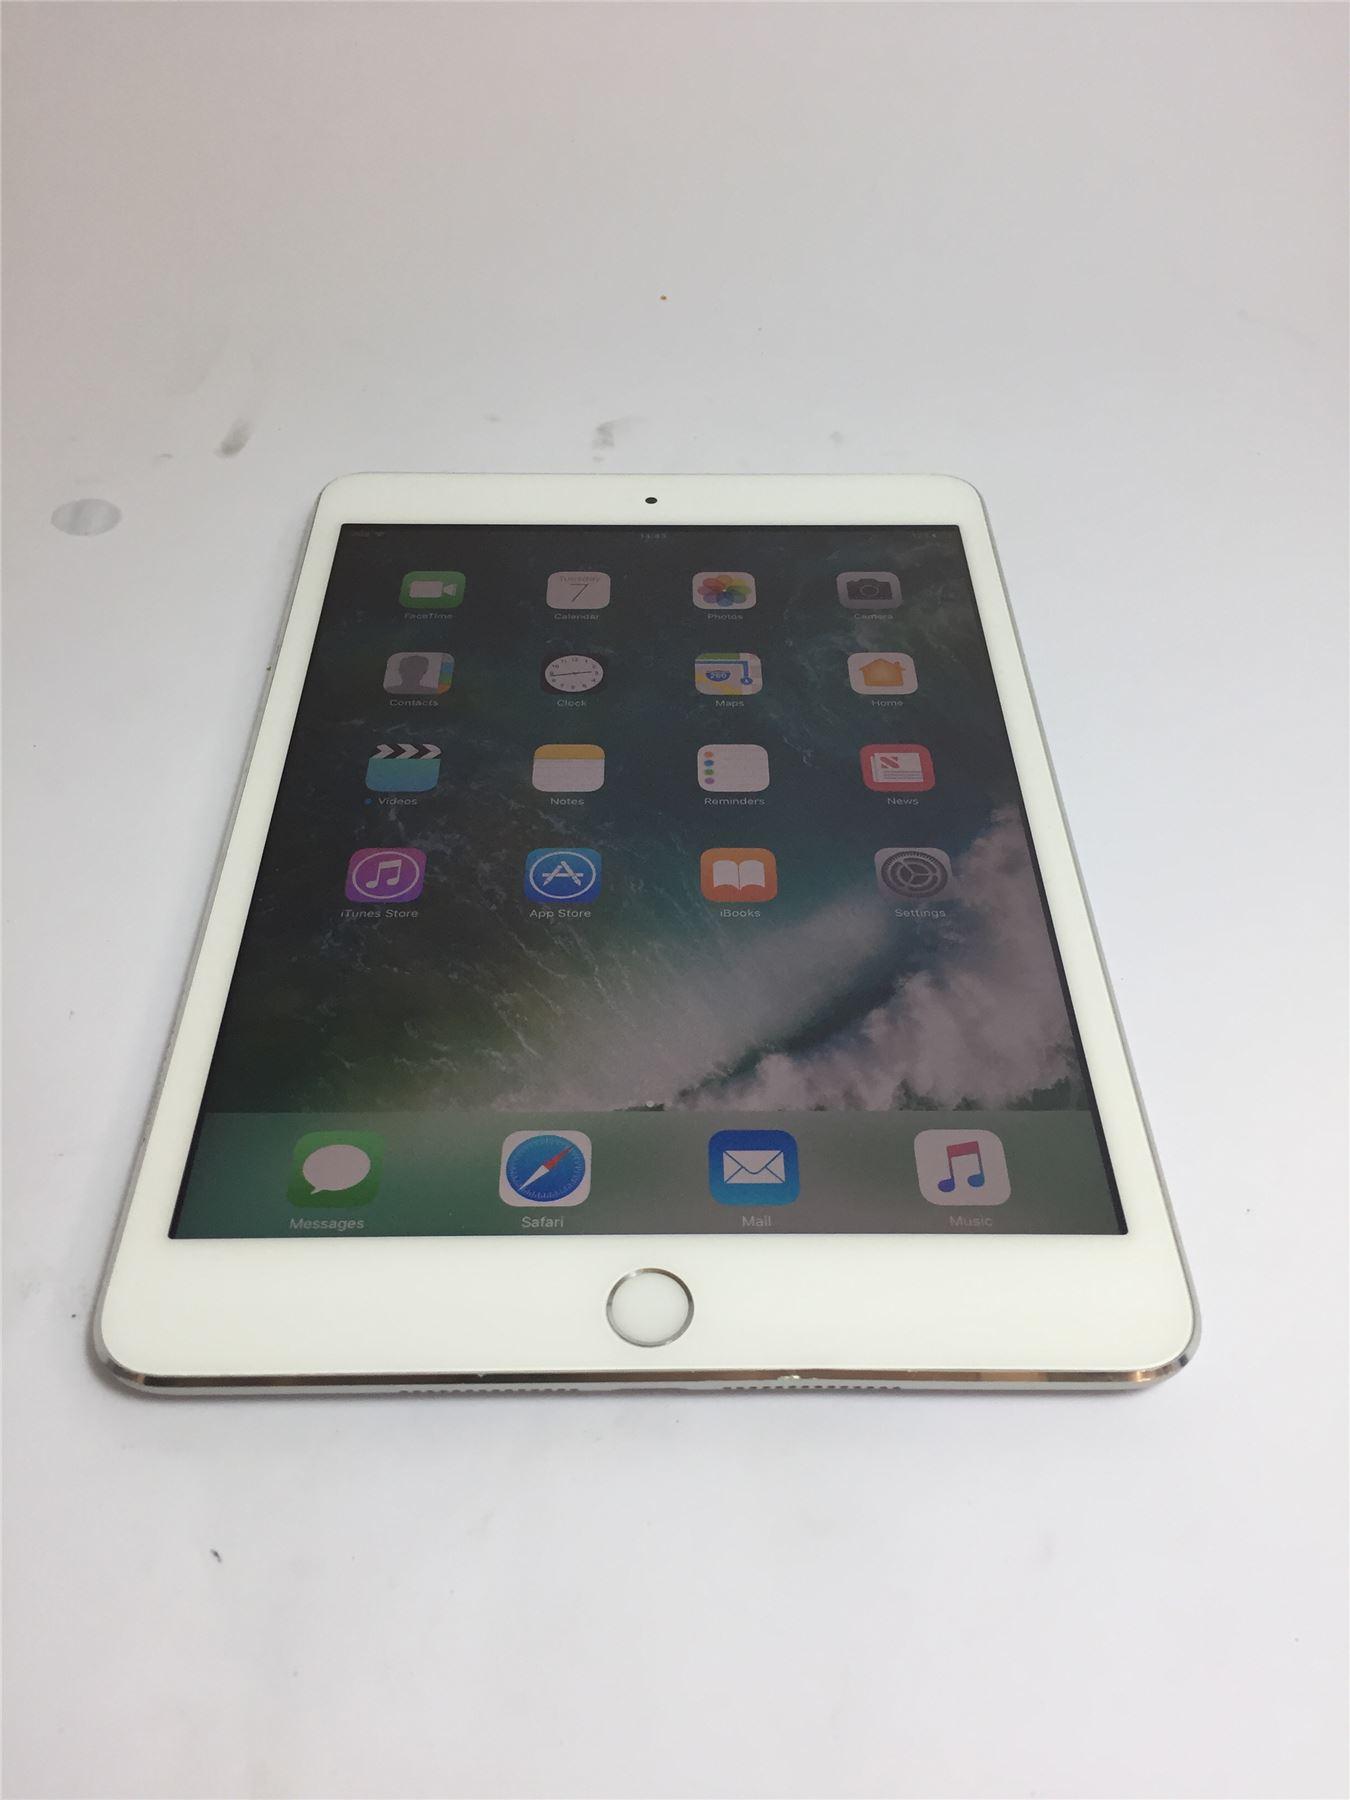 apple ipad mini 3 a1599 white 32gb wifi ios 10 2 1. Black Bedroom Furniture Sets. Home Design Ideas